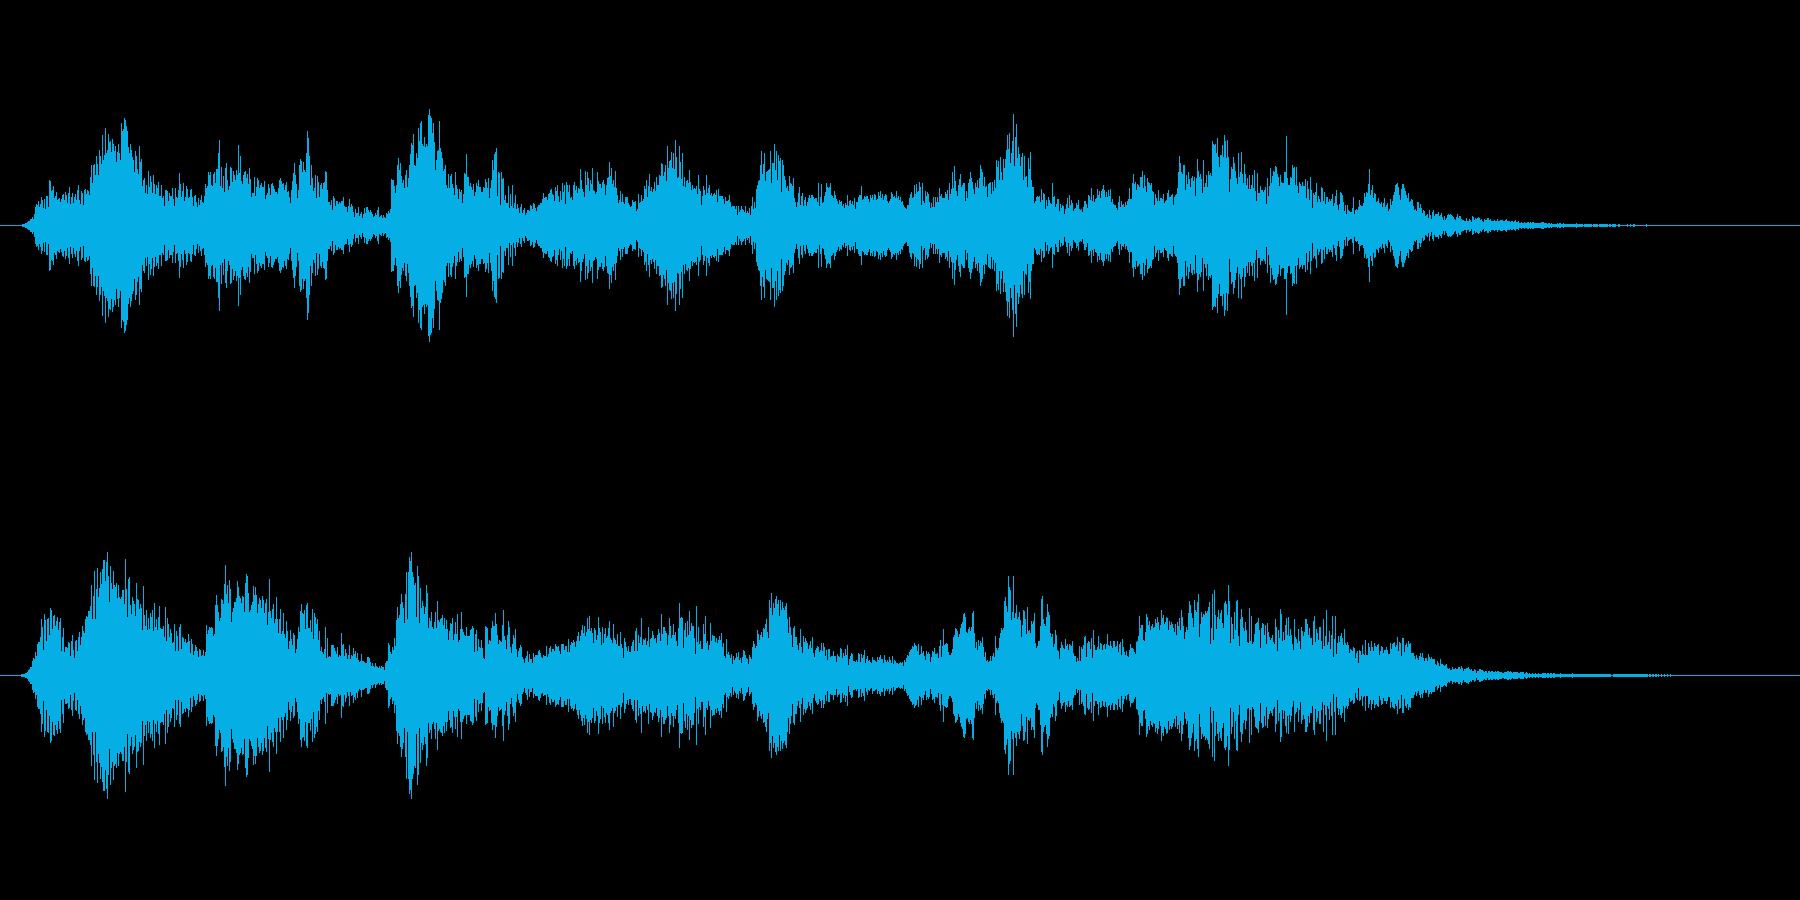 ジャズクラリネット・話題転換ジングルの再生済みの波形